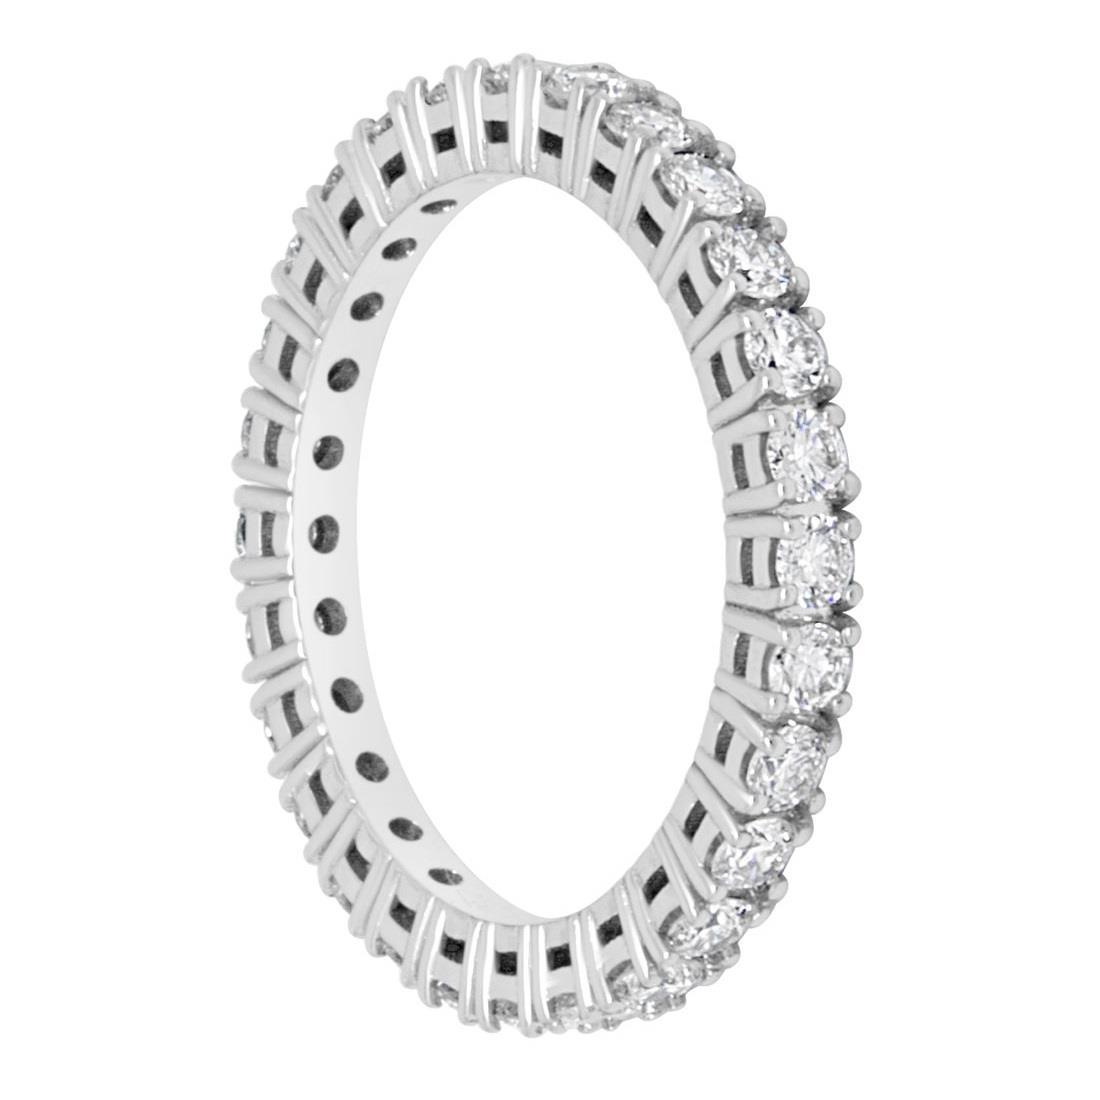 Anello eternity in oro bianco e diamanti ct 1.08  - ALFIERI & ST. JOHN